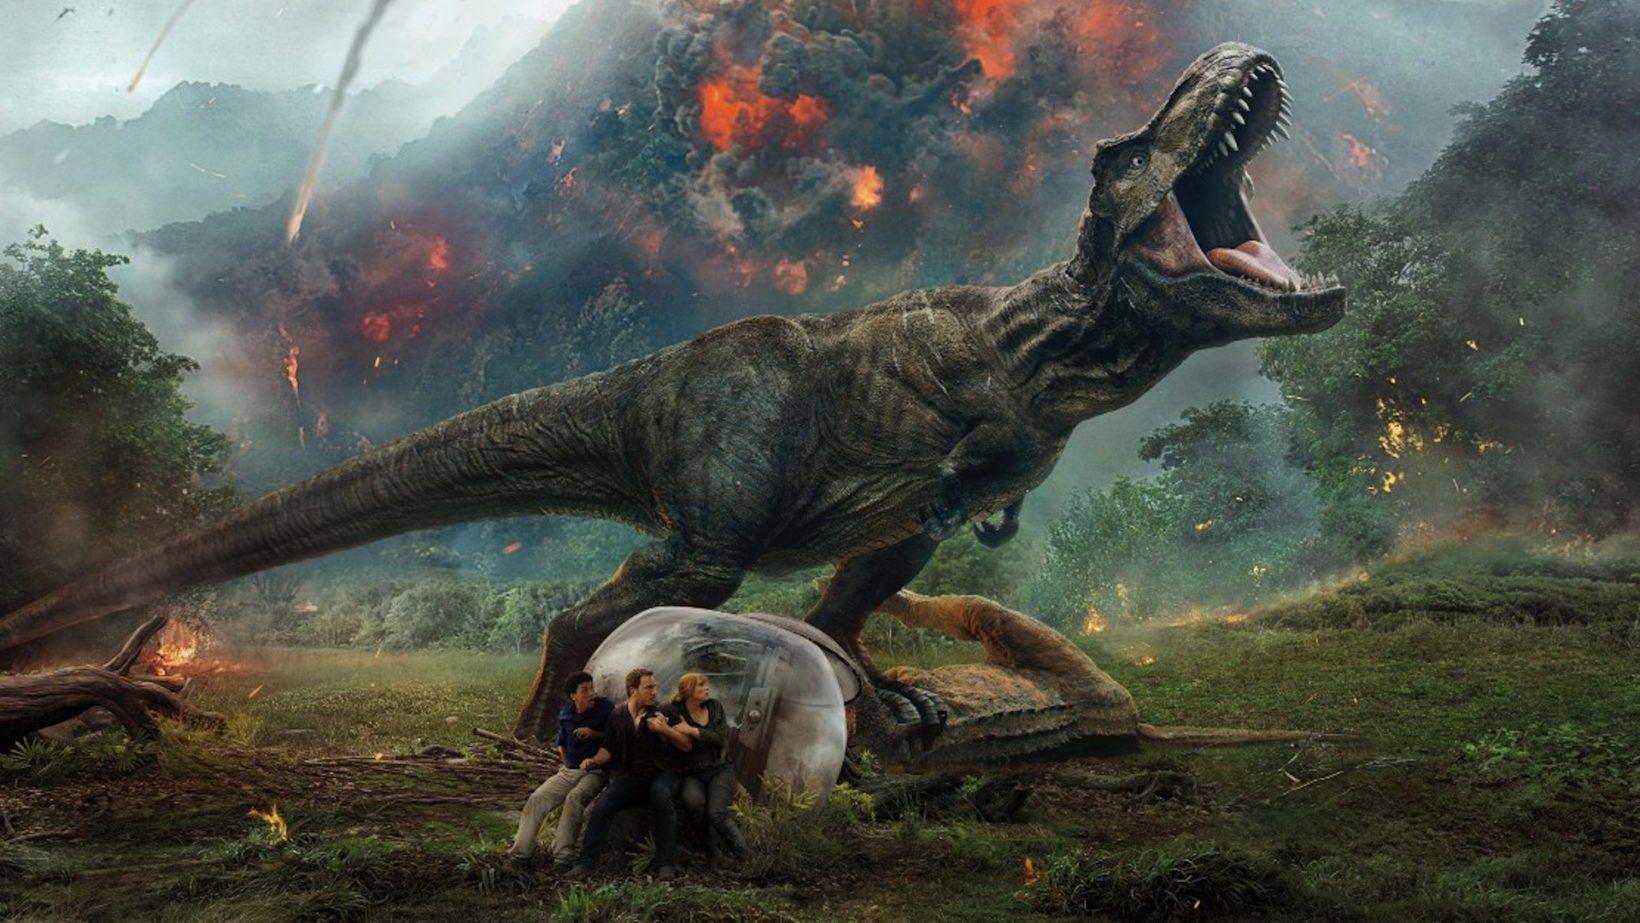 Universal e Facebook danno vita ai dinosauri con la realtà aumentata con Jurassic World AR Experience